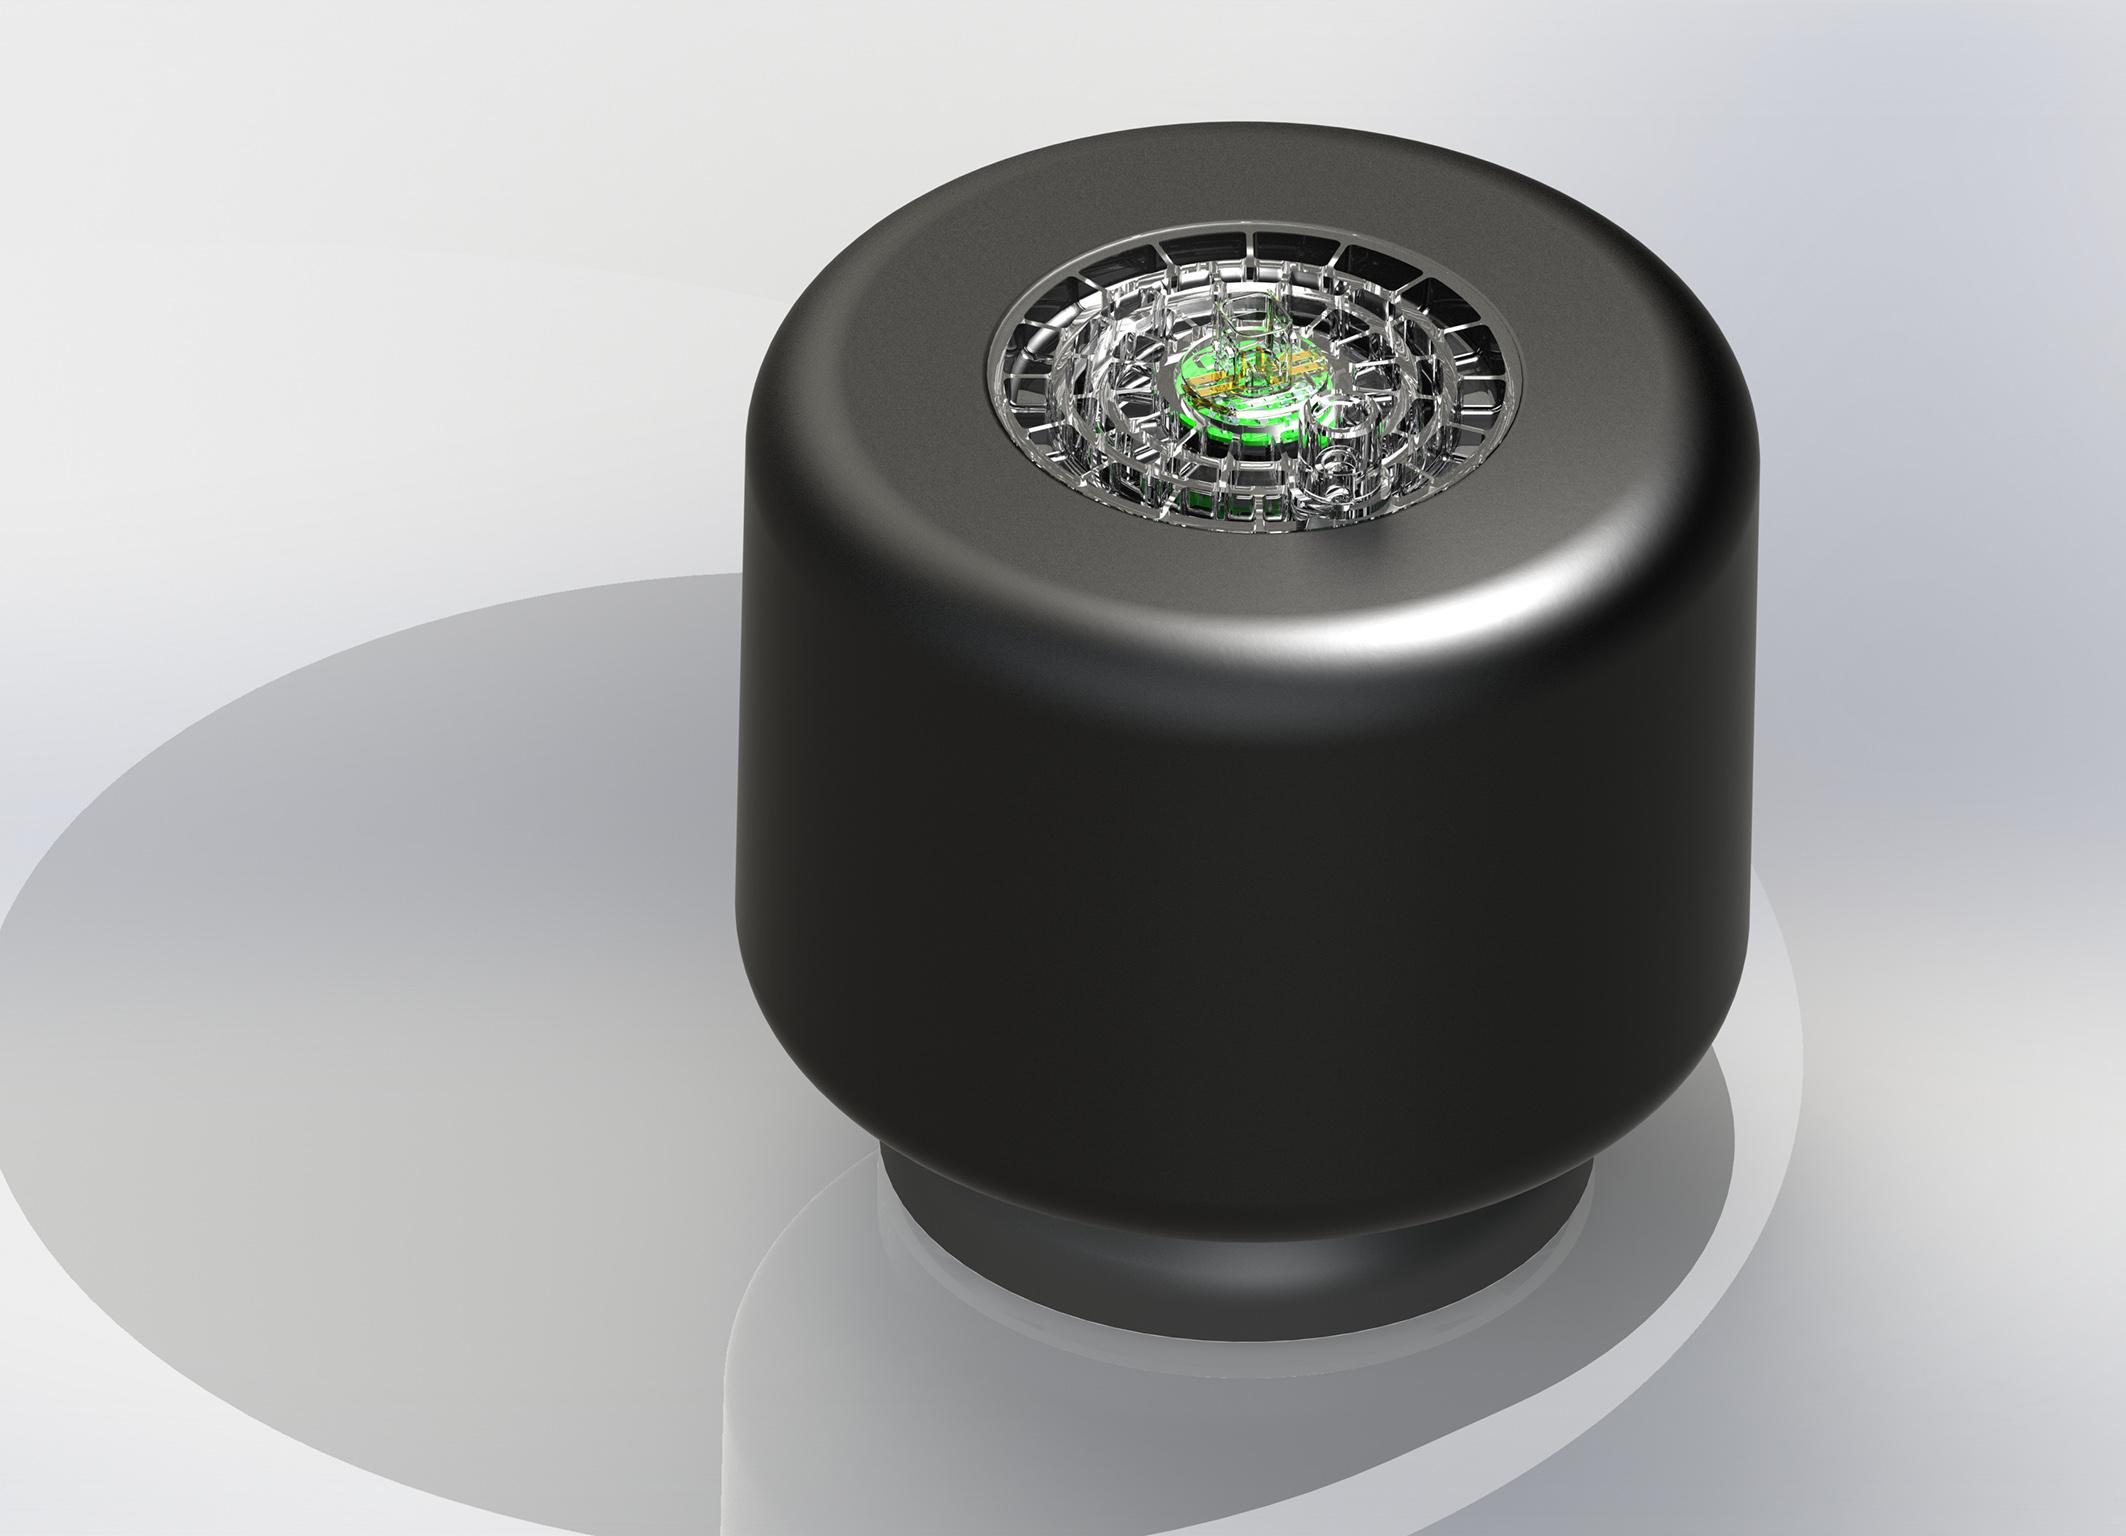 Continental анонсировала сенсор для регулировки высоты транспортных средств